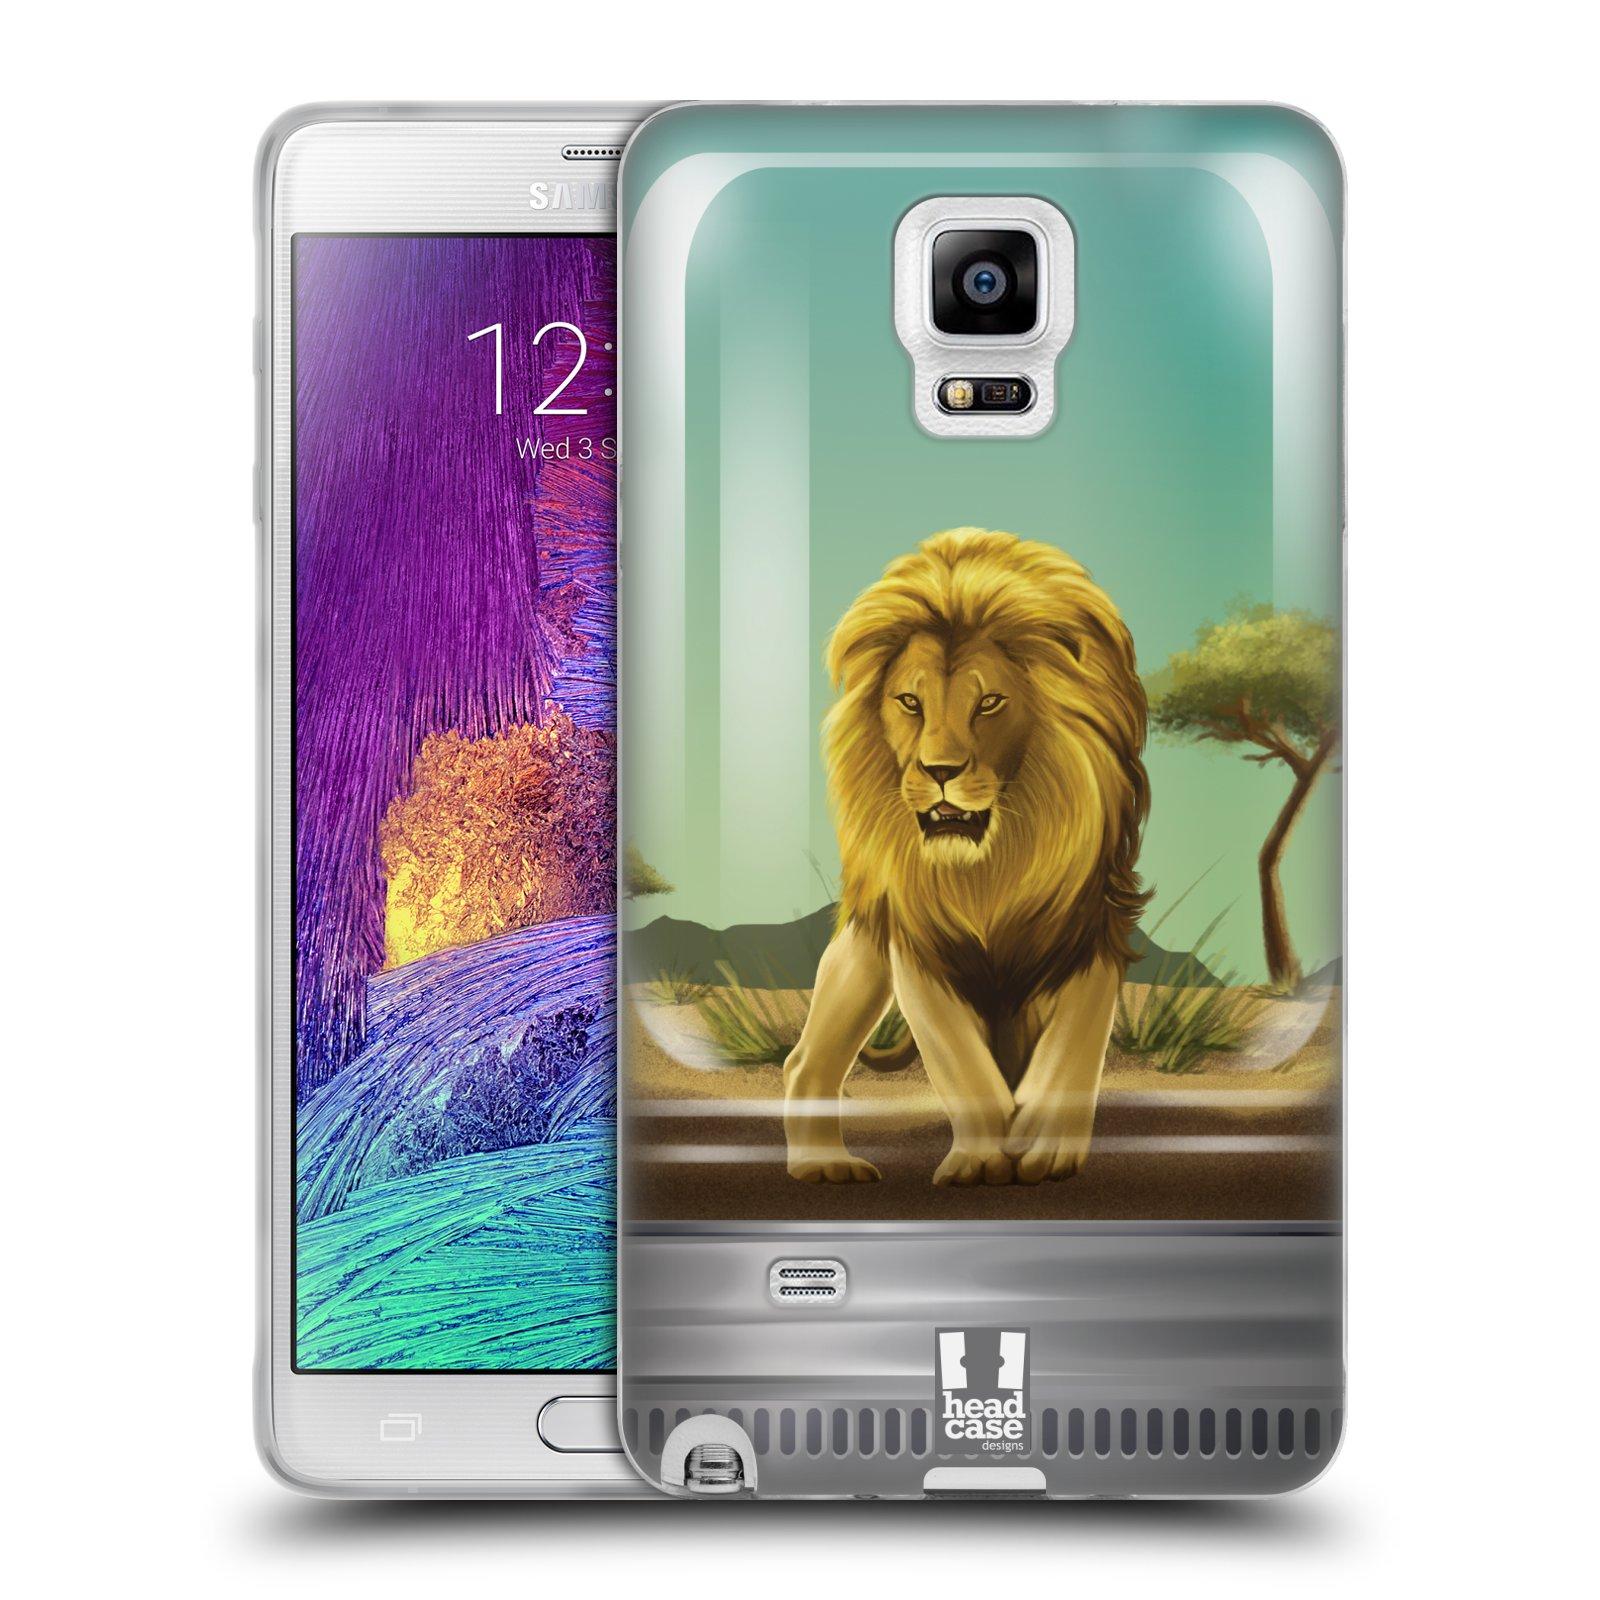 HEAD CASE silikonový obal na mobil Samsung Galaxy Note 4 (N910) vzor Zvířátka v těžítku lev